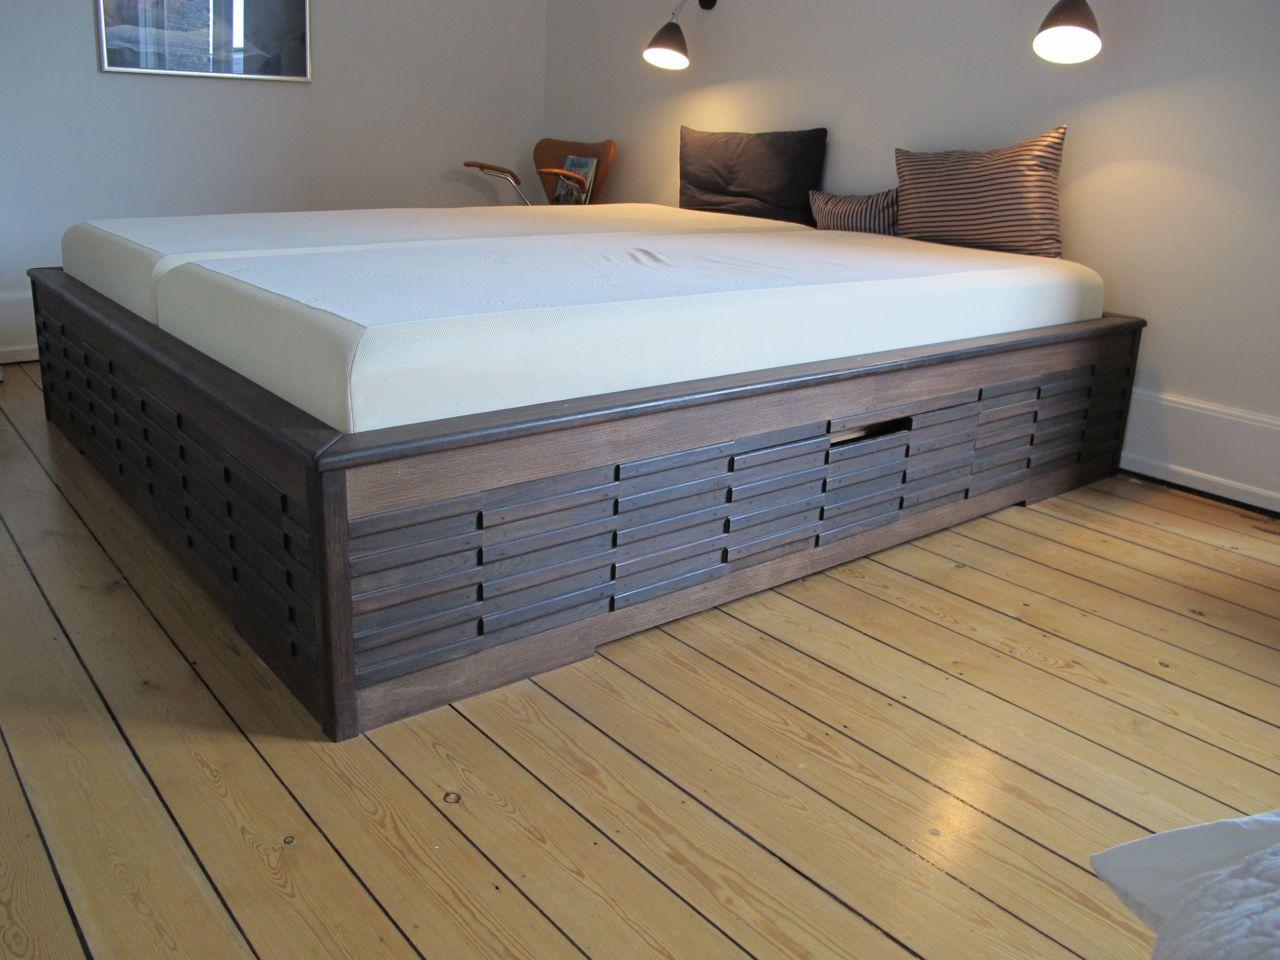 Sub i seng? - recordere.dk forum